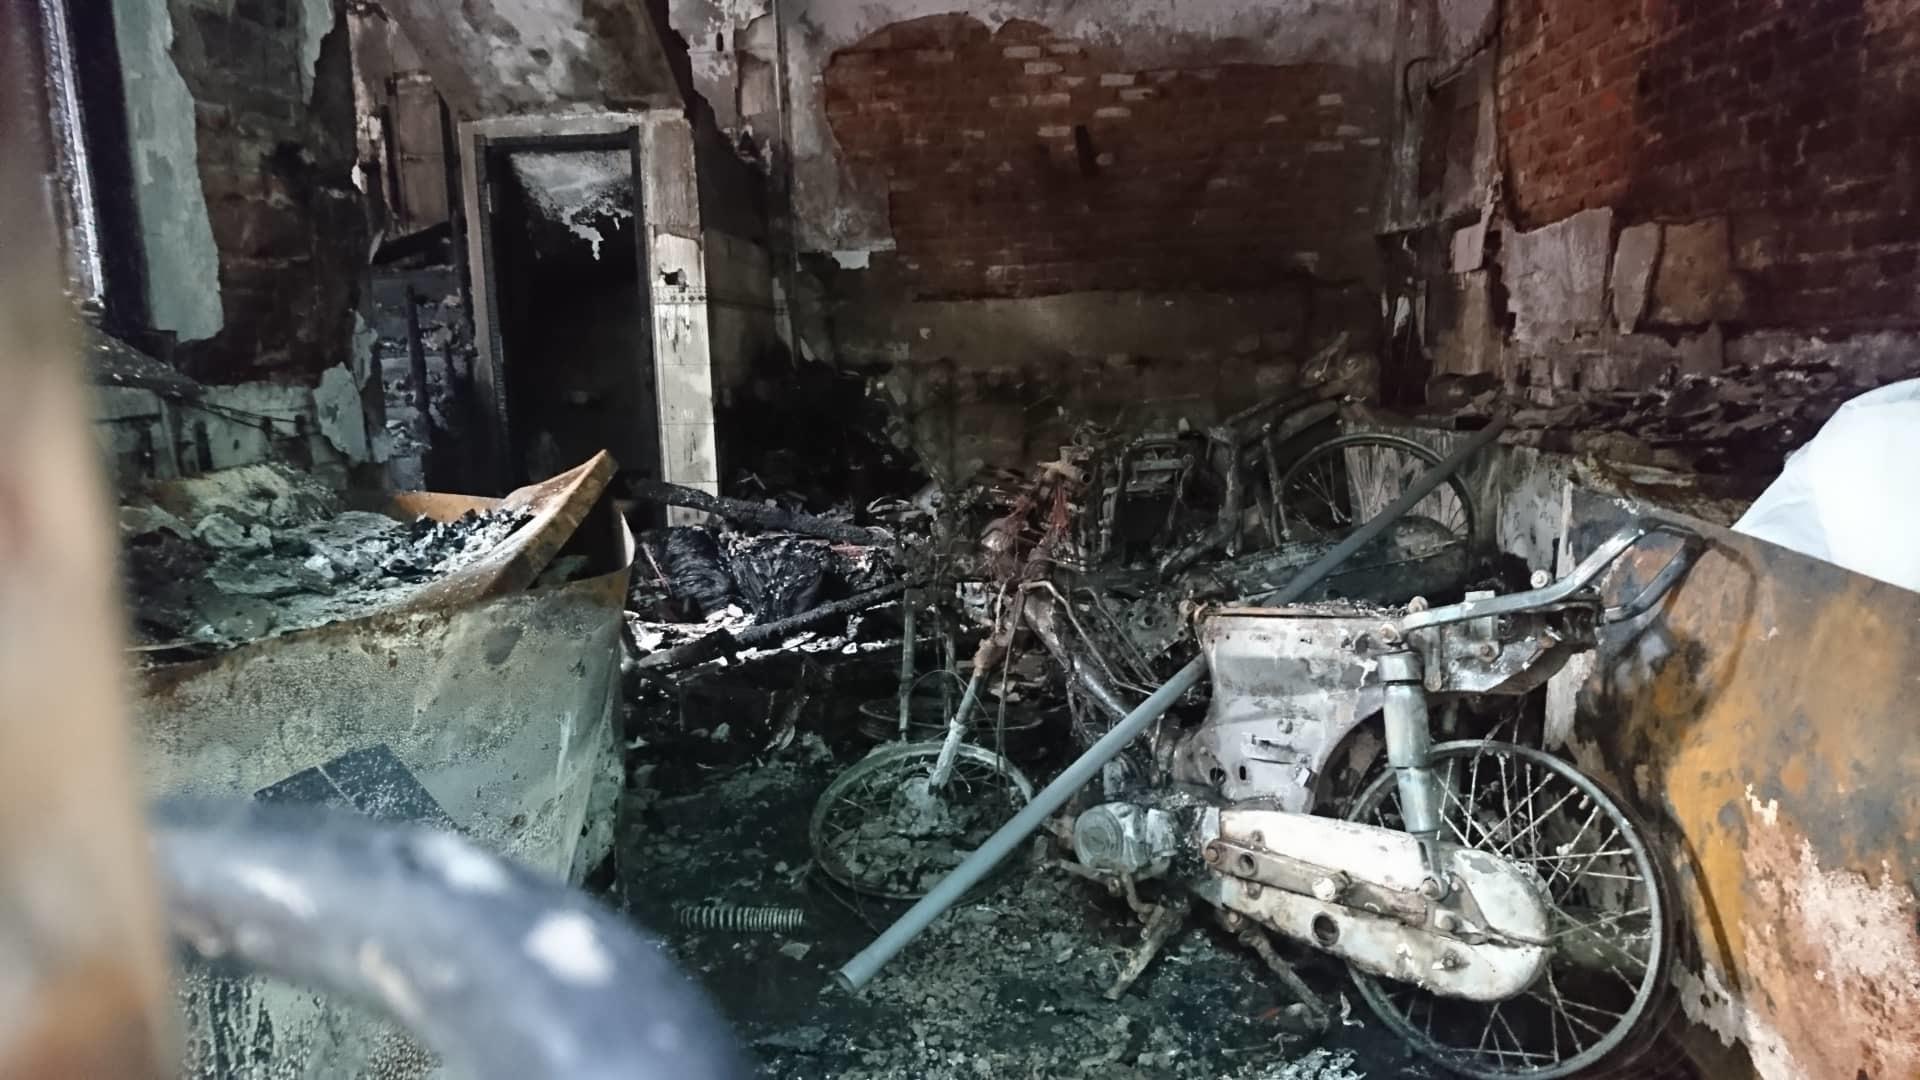 Hà Nội: Cháy nhà lúc rạng sáng, nhiều người nhập viện-2